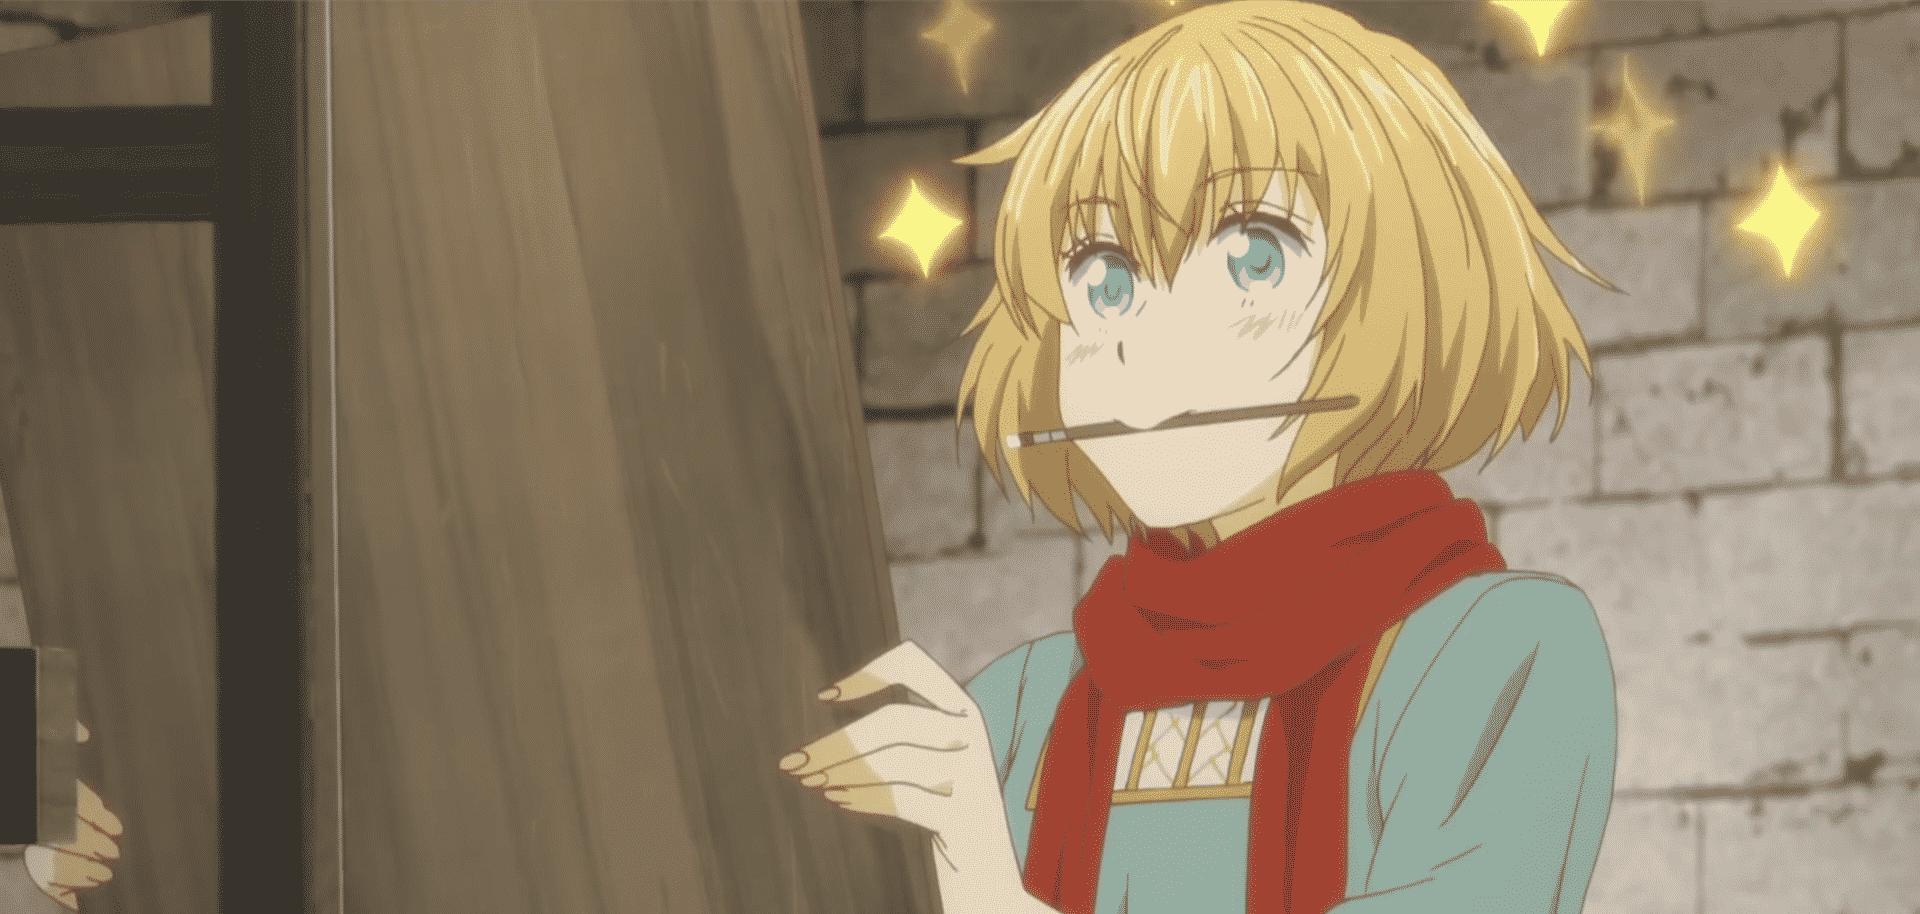 Nuovo video promo per l'anime Arte